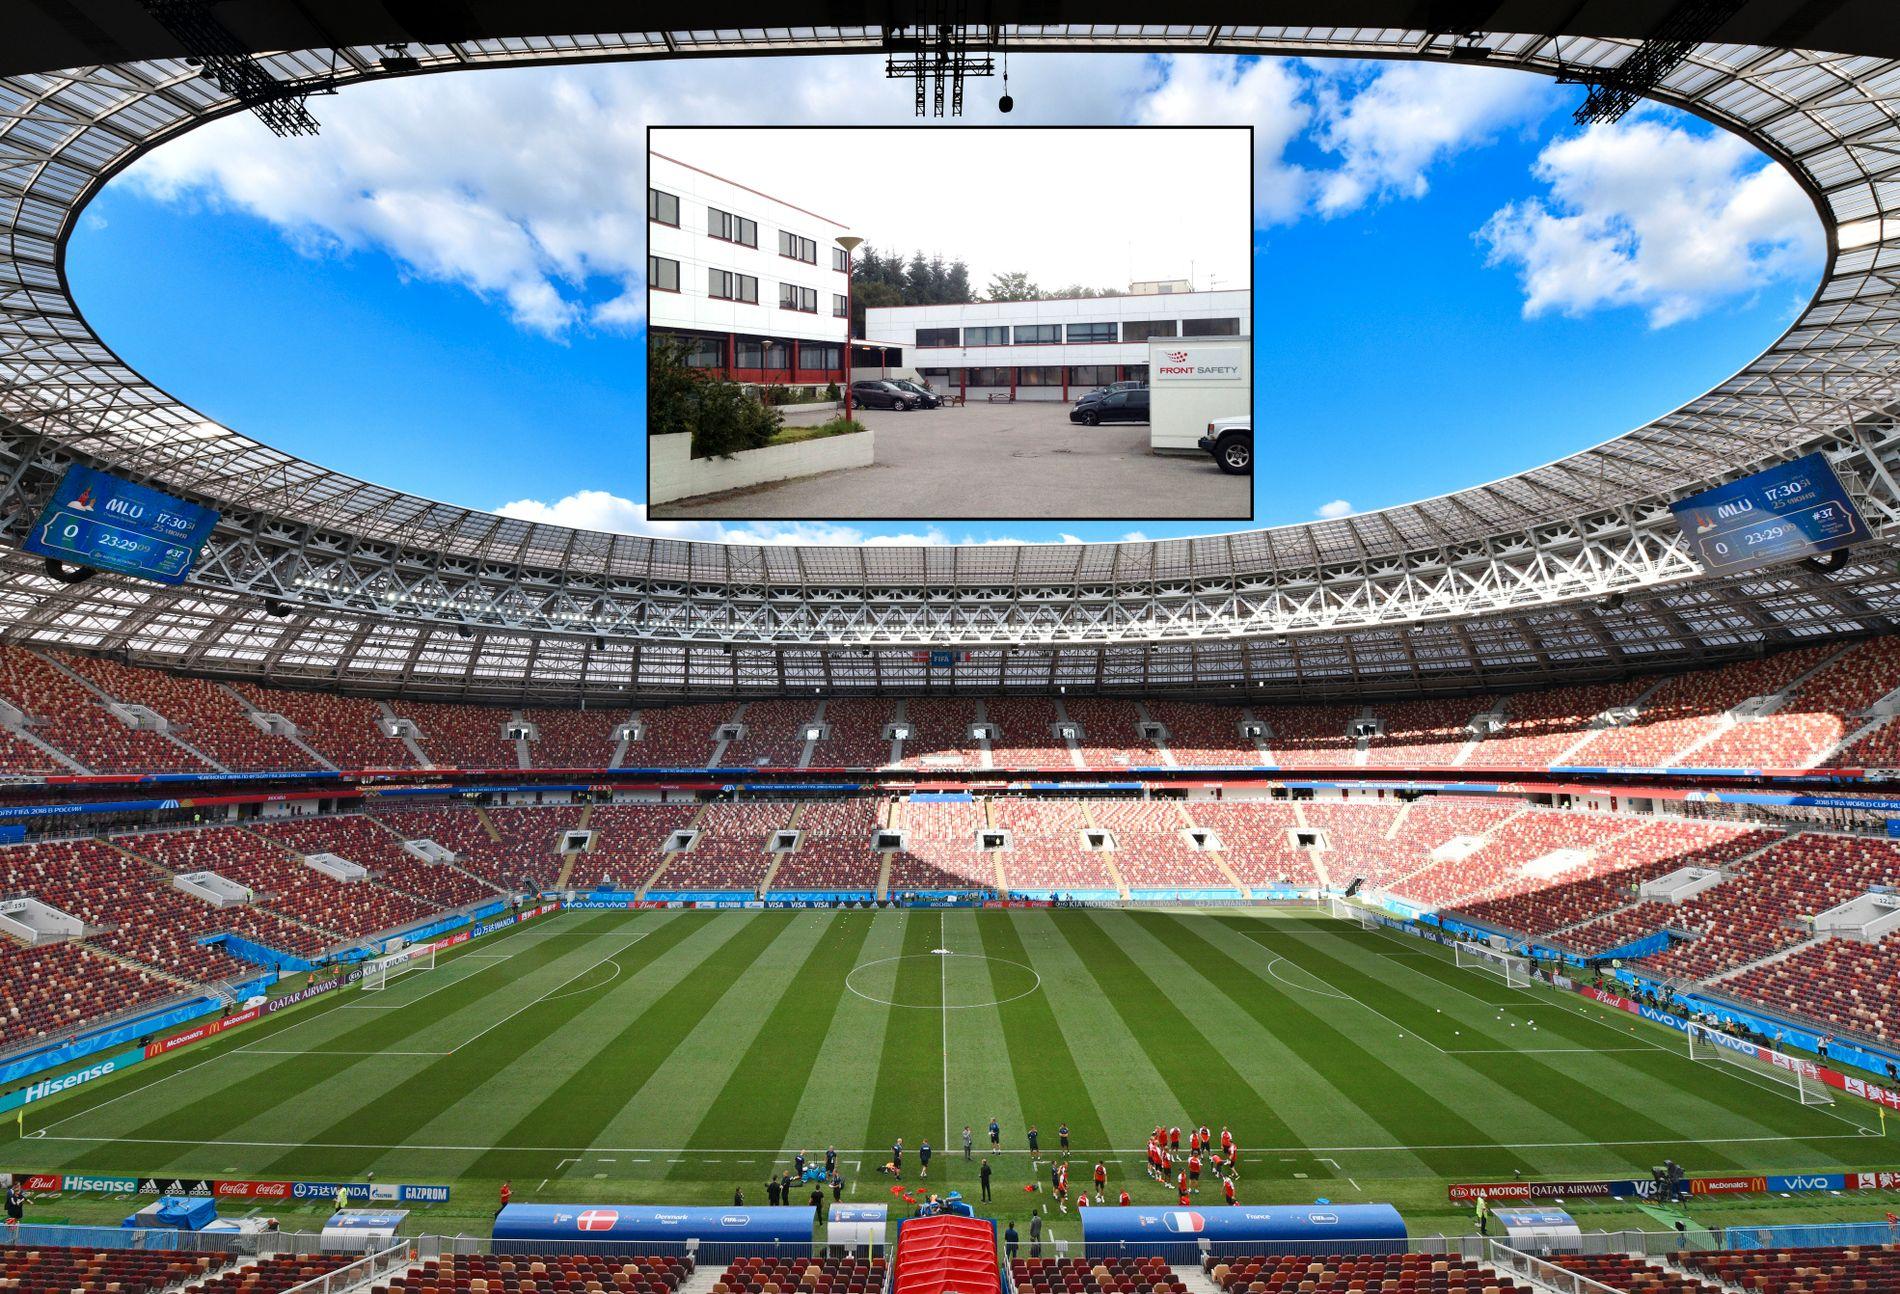 DET ER ET YNDIGT STED: Åge Hareide, her ved sideinjen, ledet Danmarks siste trening på Luzjniki stadion i Moskva i går. Innfelt i himmel på bildet ser vi lokalene til gamlejobben Aukra næringsforum.